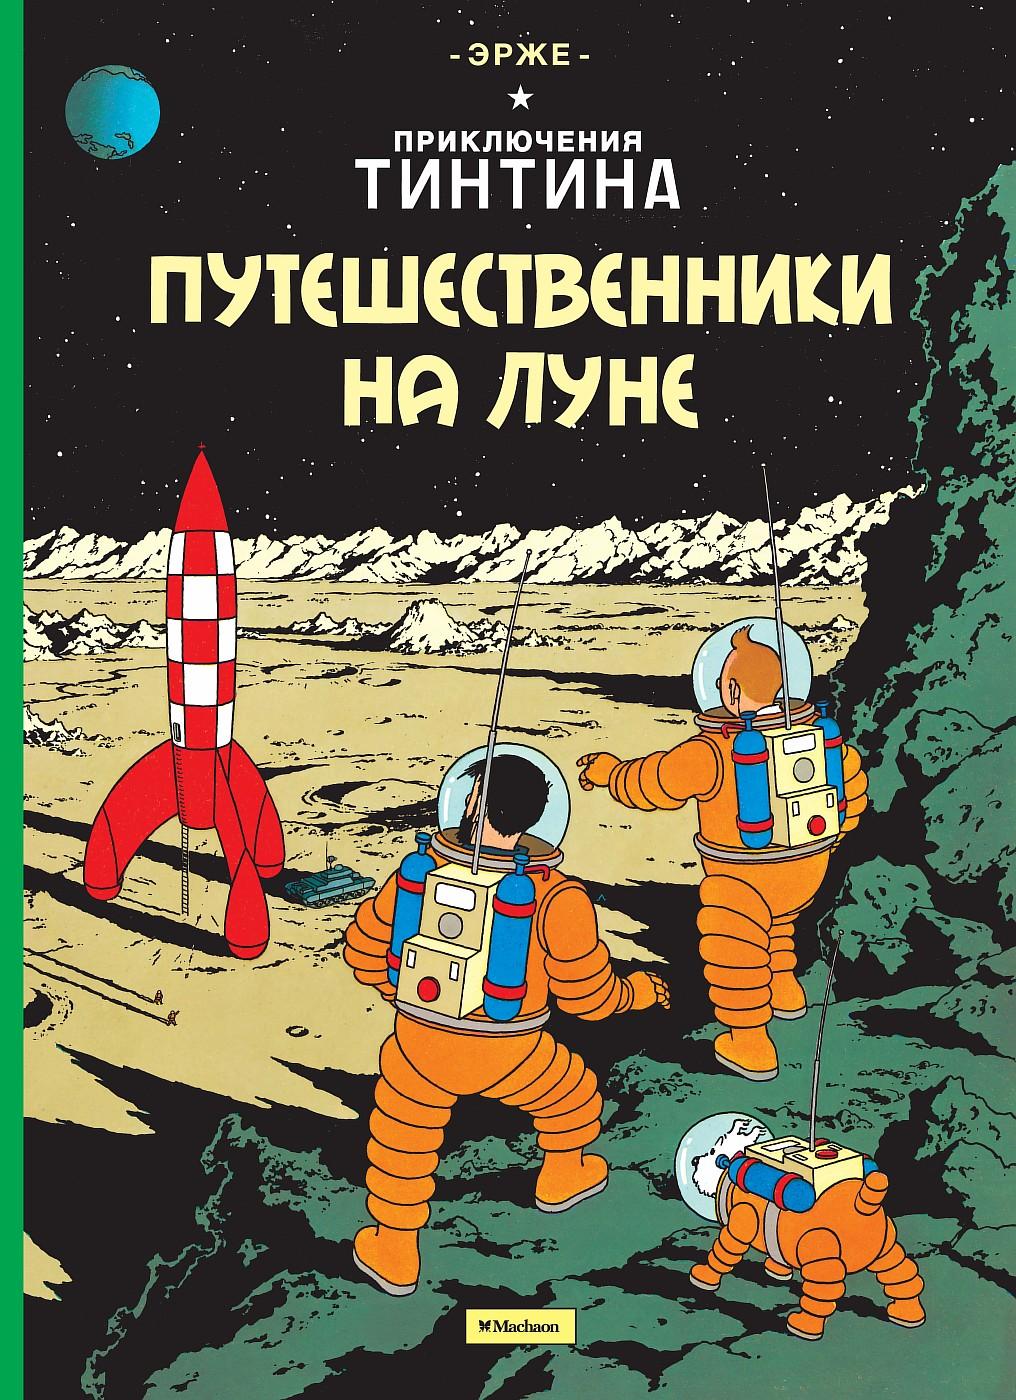 Путешественники на Луне